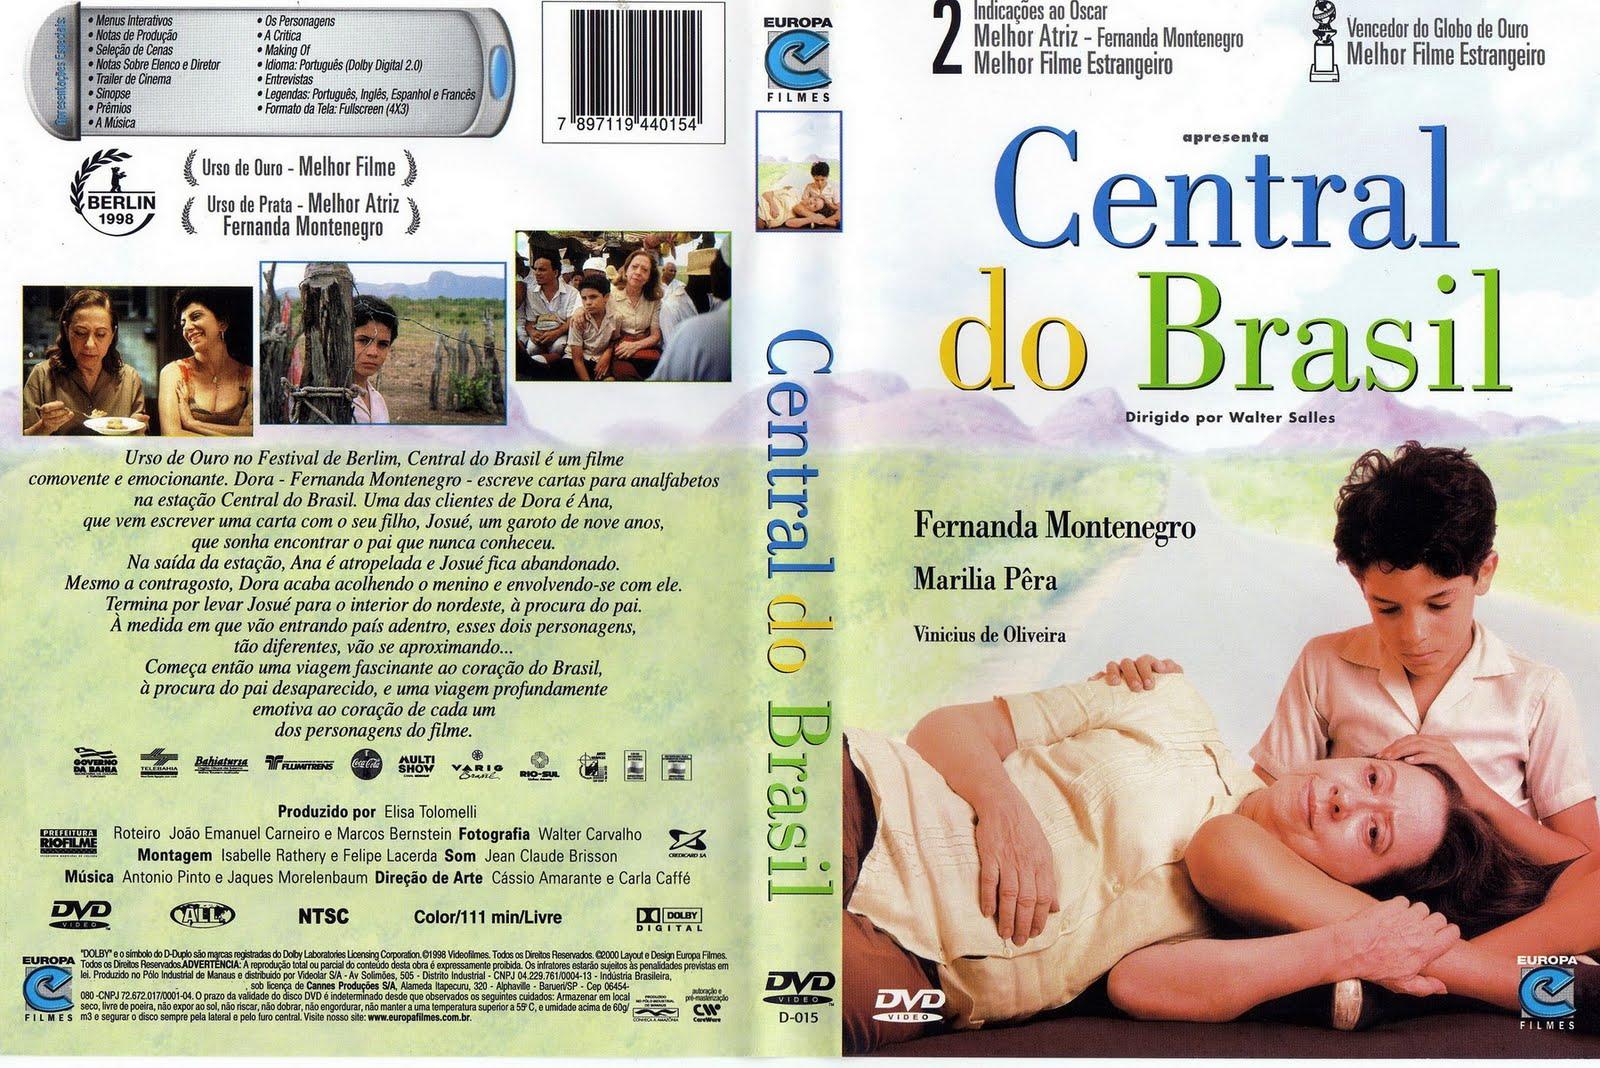 E aí, vai assistir o quê? Central do Brasil